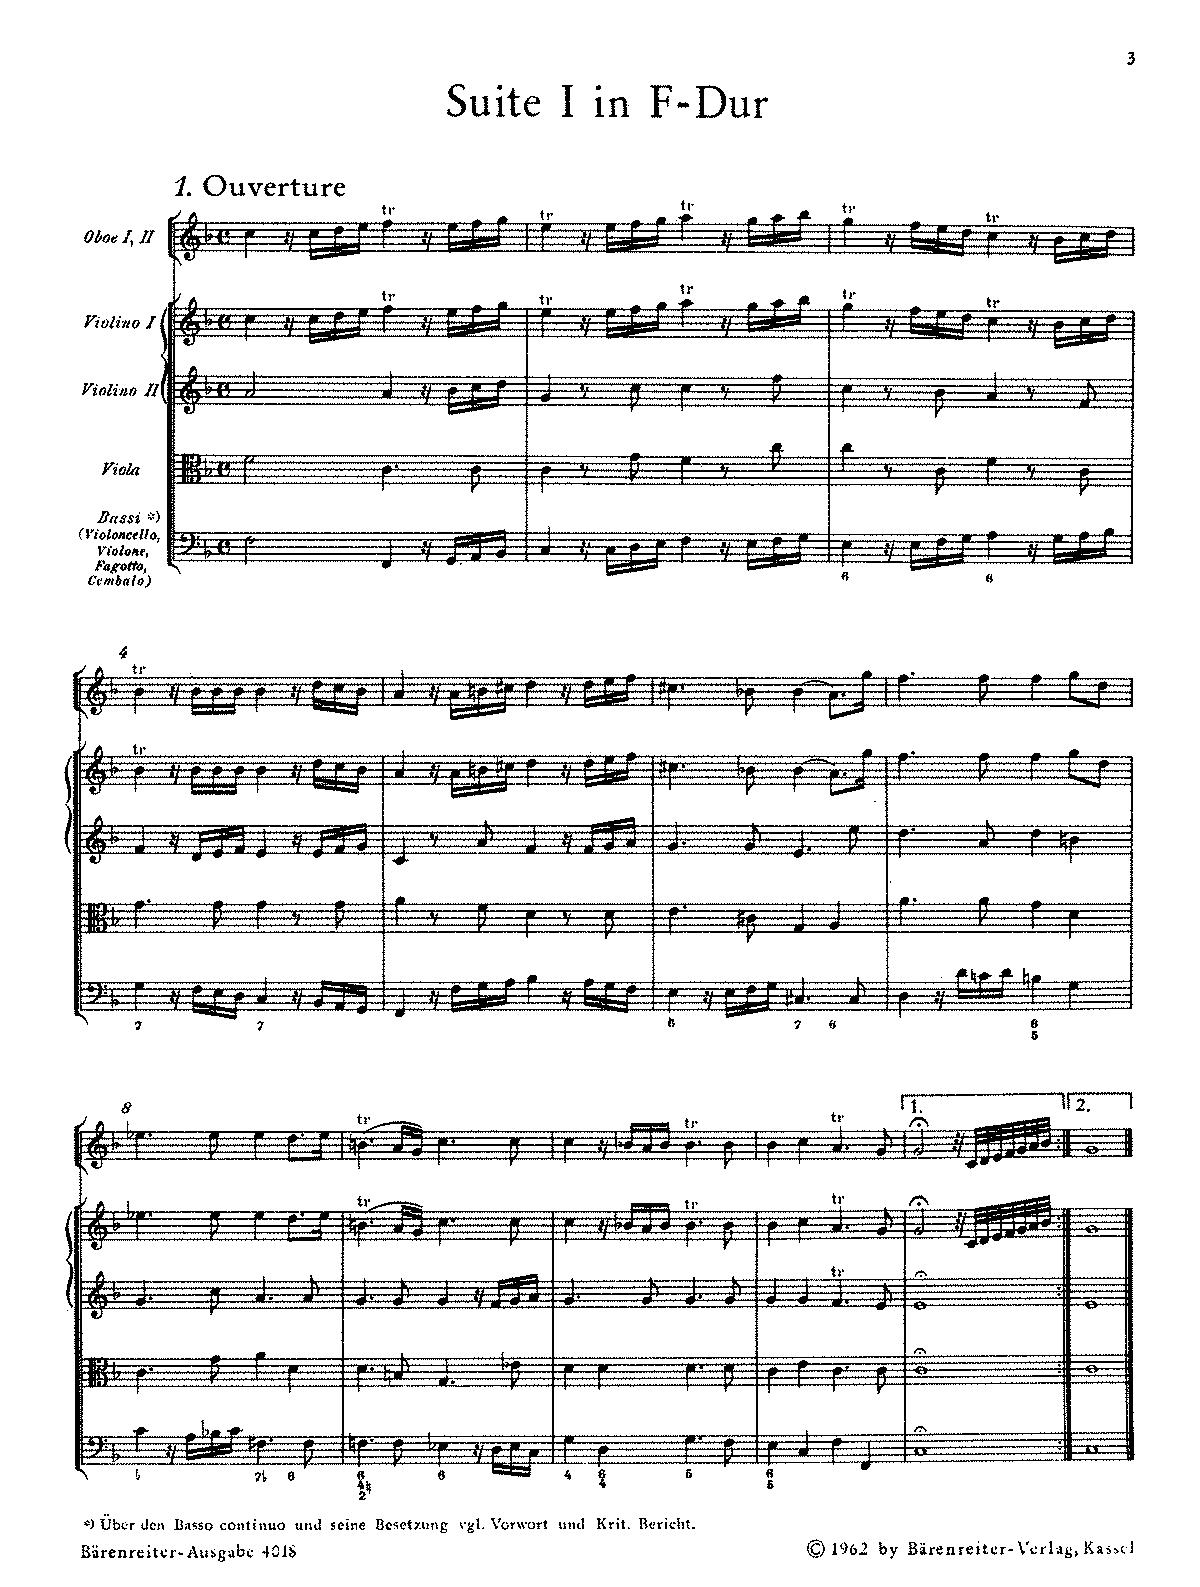 60 Handel Overtures Arranged for Solo Keyboard